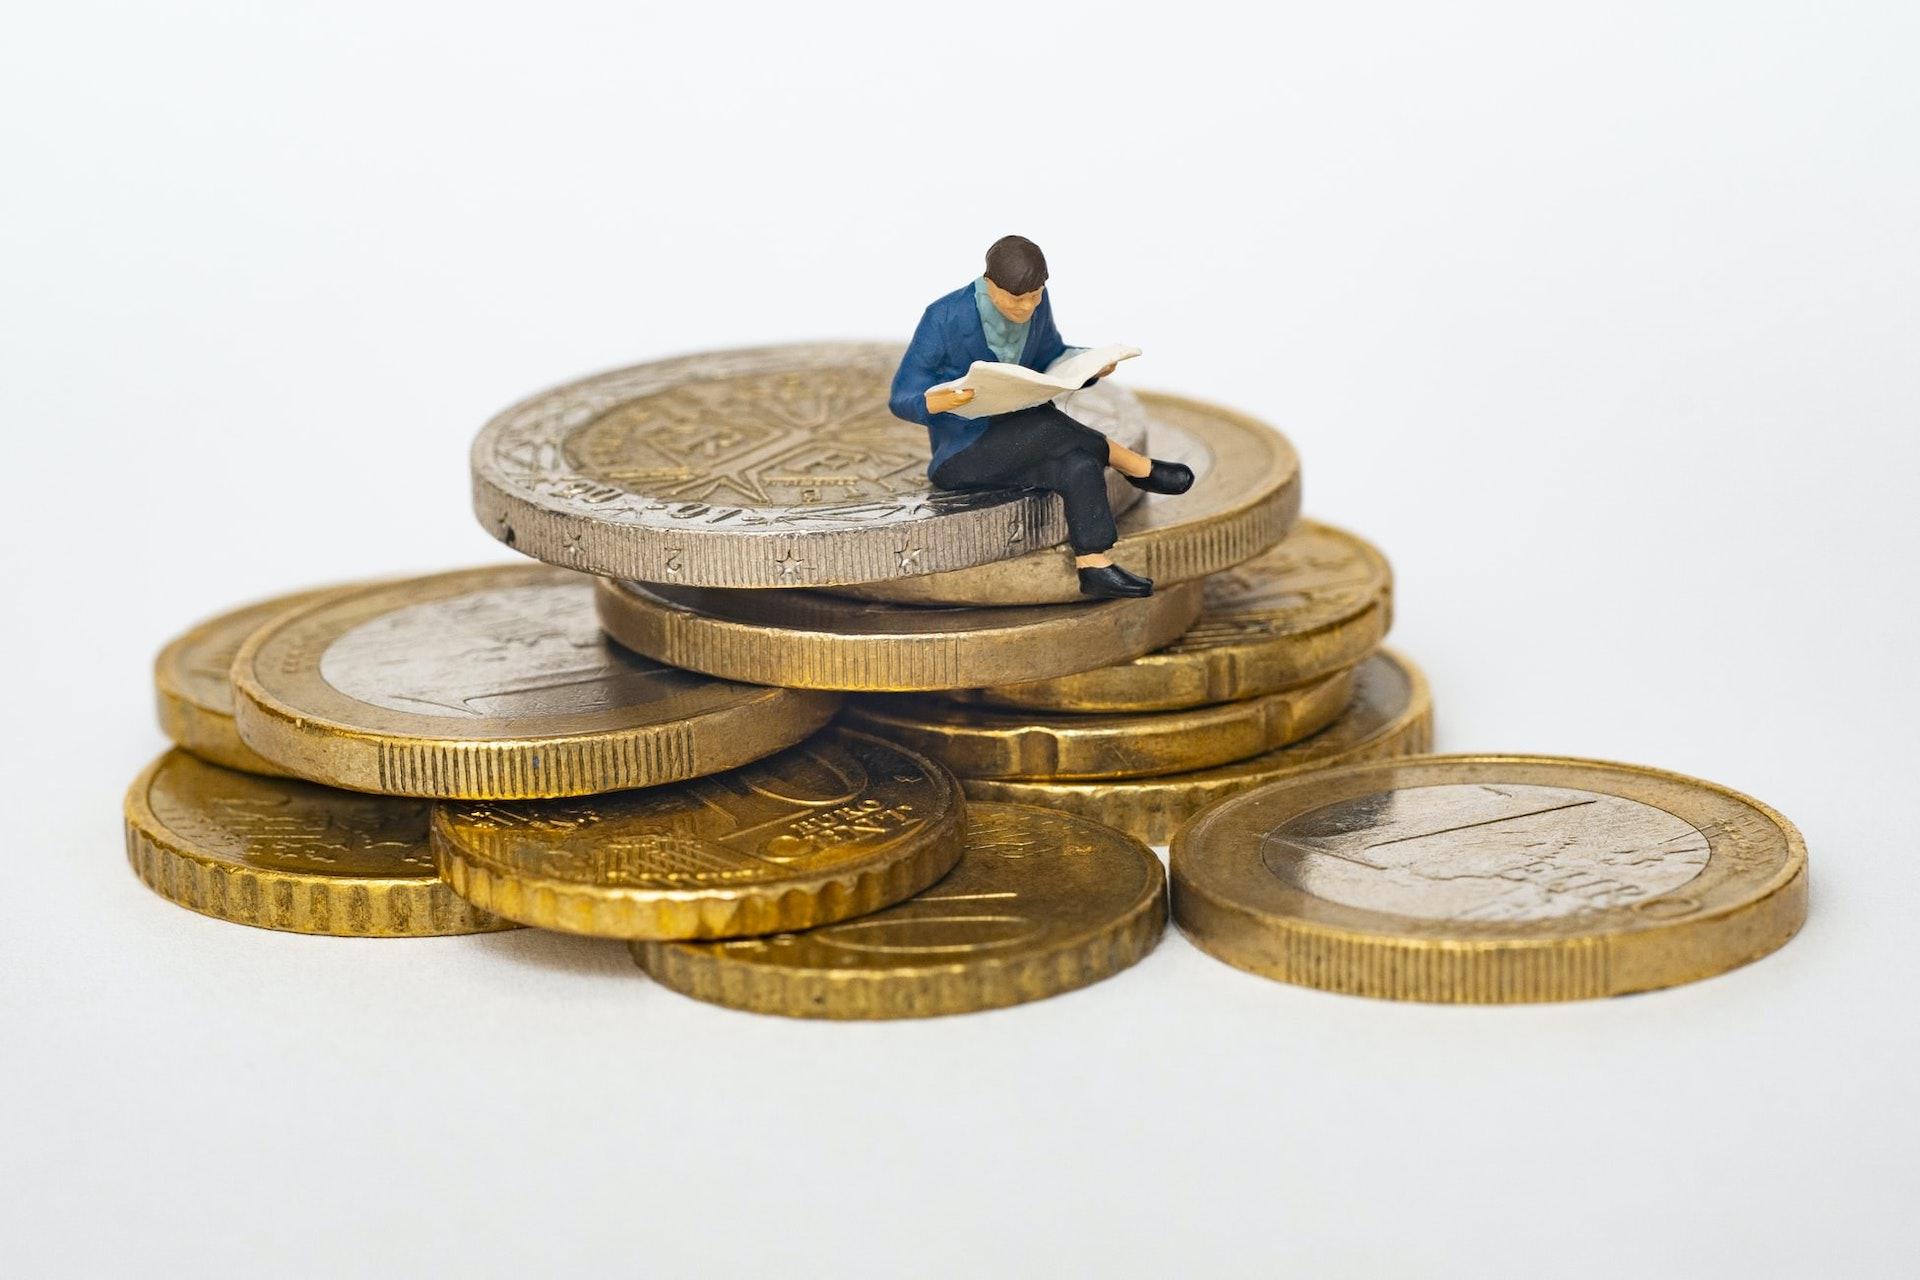 Opciones para Invertir en Fondos Mutuos o Acciones